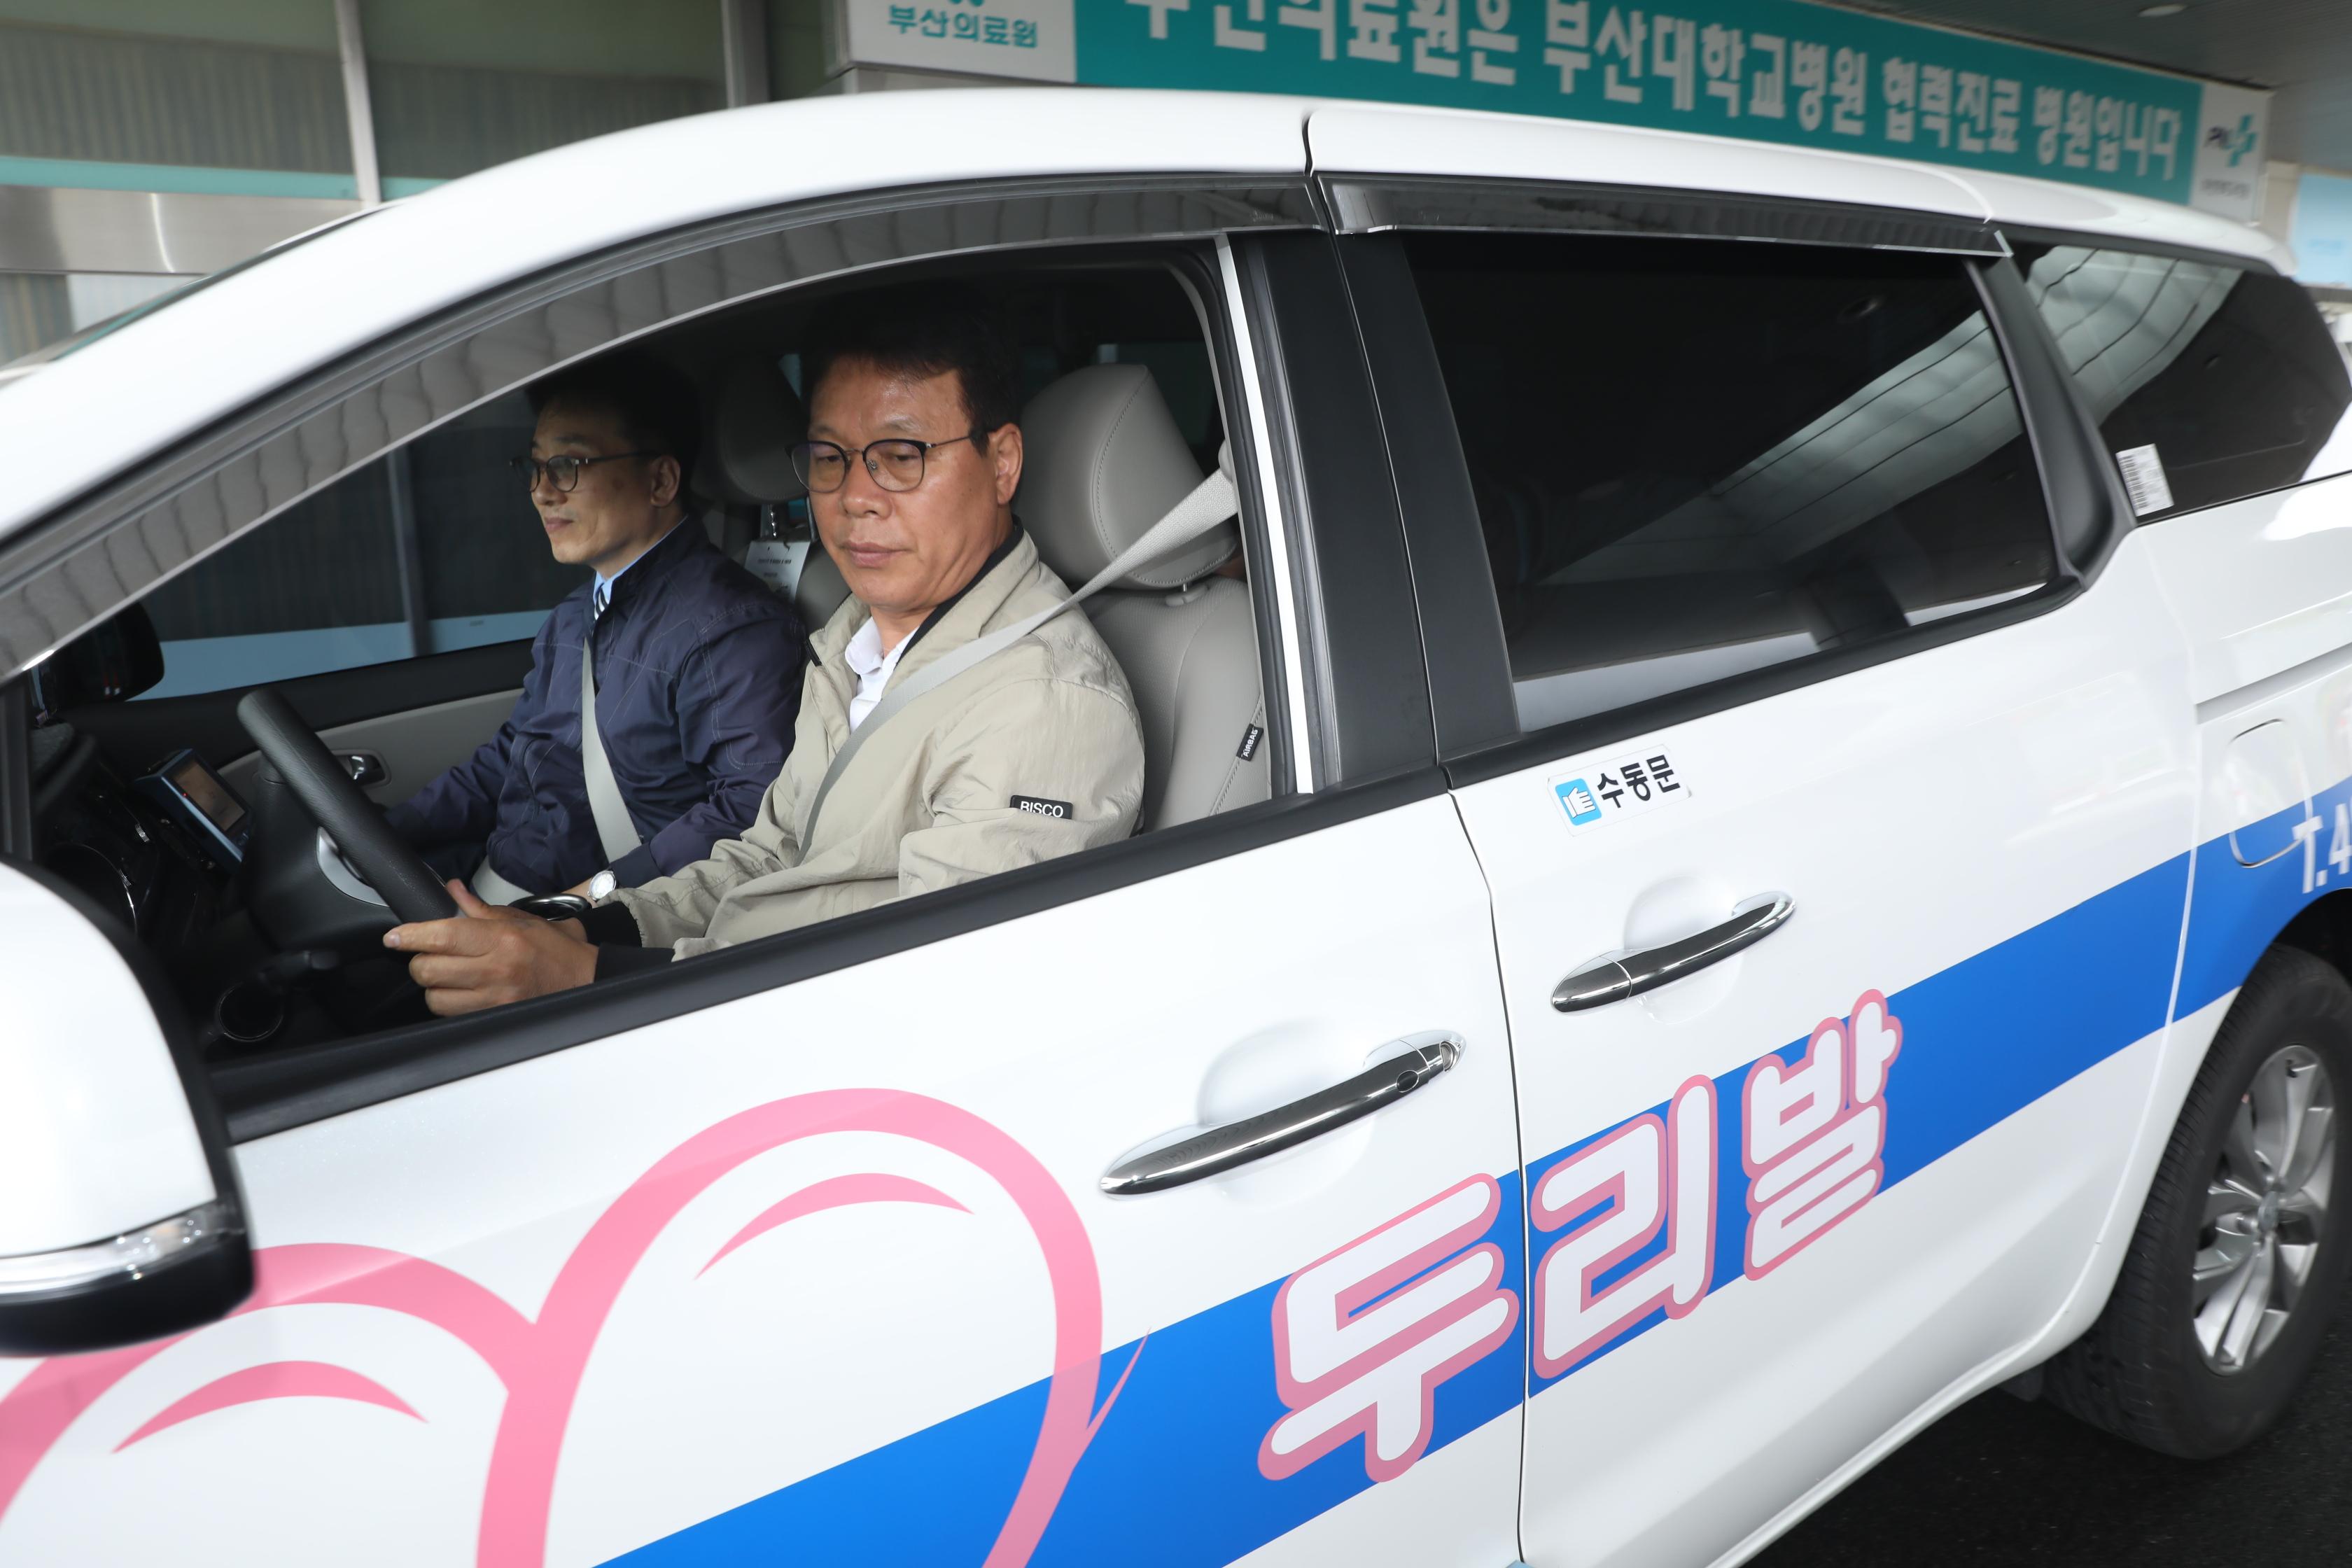 두리발차량을 운행중인 추연길 이사장